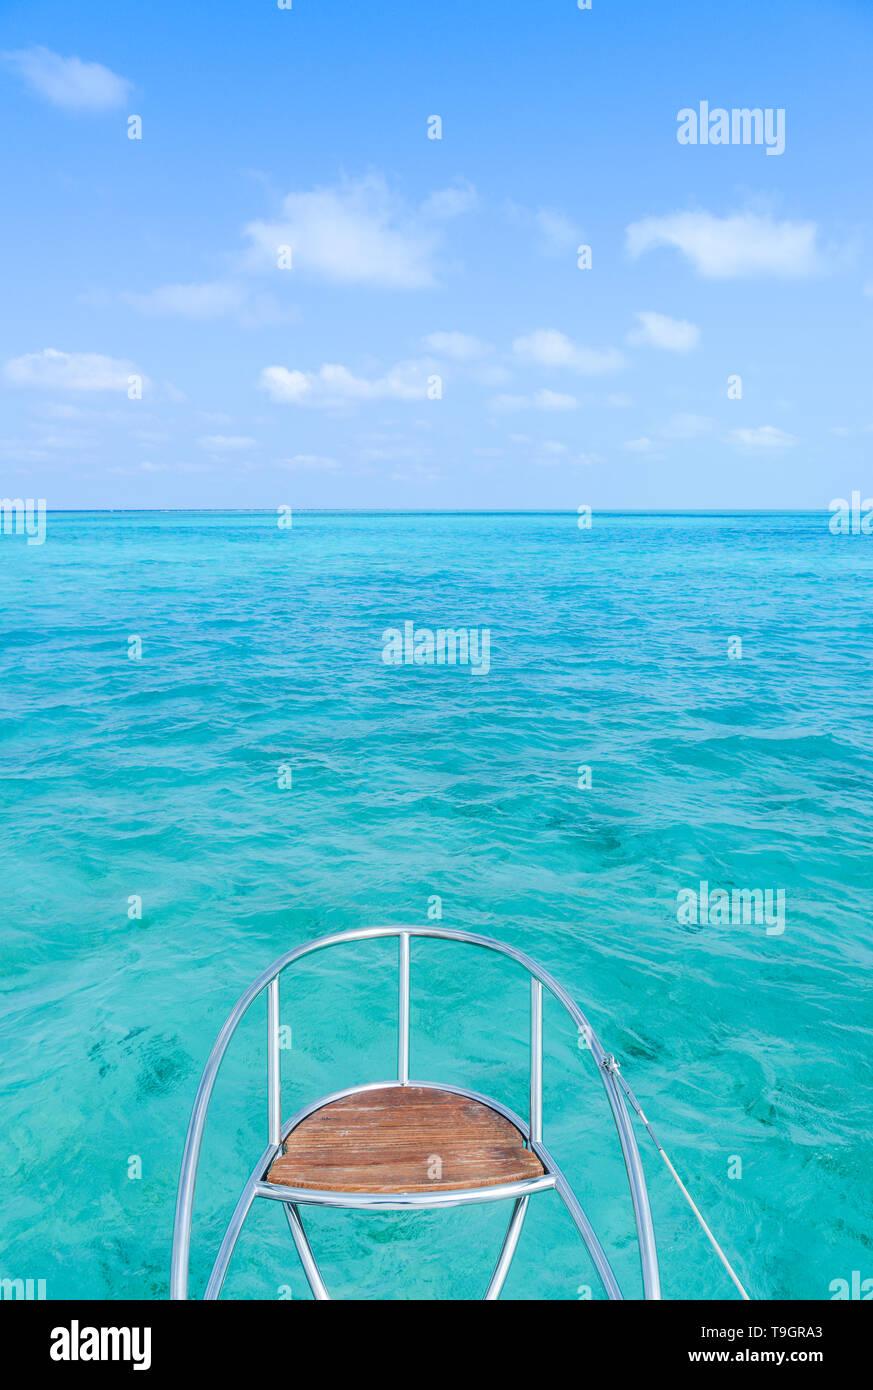 Sedile di prua in crociera catamarano, all'interno del Belize Barrier Reef, una serie di barriere coralline a cavallo tra la costa del Belize Immagini Stock